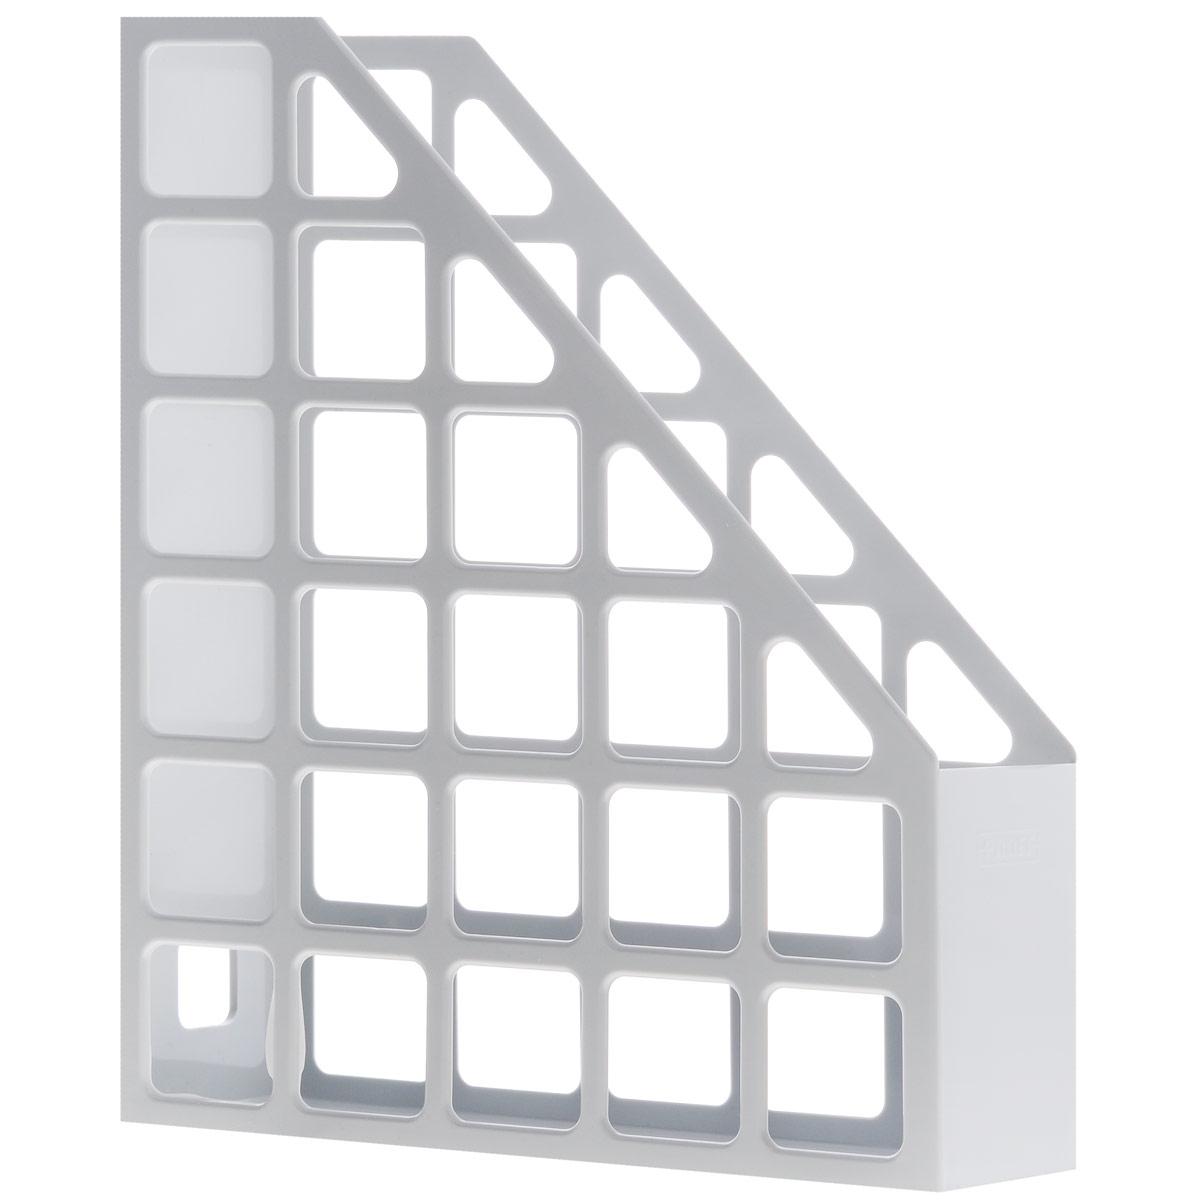 Файл угловой Proff Style, цвет: серый. Формат A4PLV01-05Файл угловой Proff Style, изготовленный из прочного пластика, это незаменимая вещь для хранения документов в вашем кабинете. Это удобный и практичный офисный инструмент, предназначенный для хранения рабочих бумаг и документов формата А4. Изделие оформлено перфорацией в форме квадратов. Такой файл надежно сохранит ваши документы и сбережет их от повреждений.